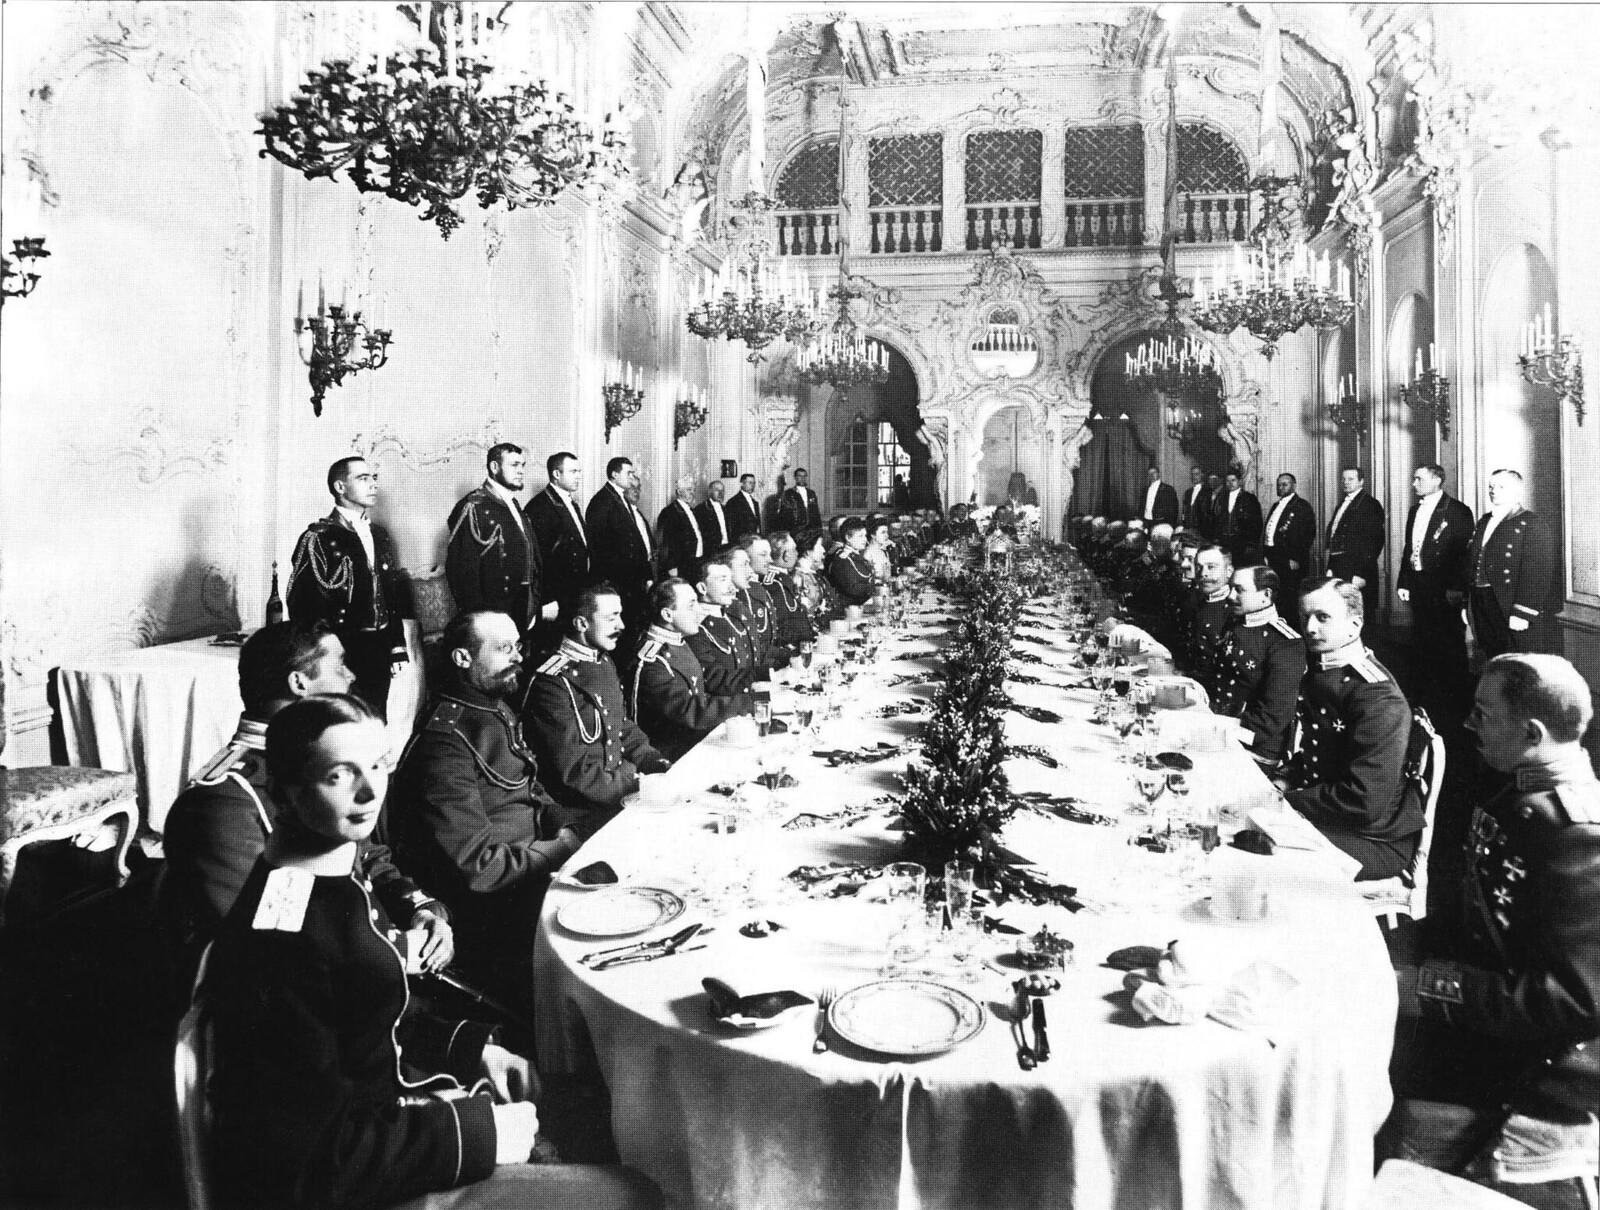 1912. Банкет офицеров лейб-гвардии Драгунского полка во дворце великой княгини Марии Павловны